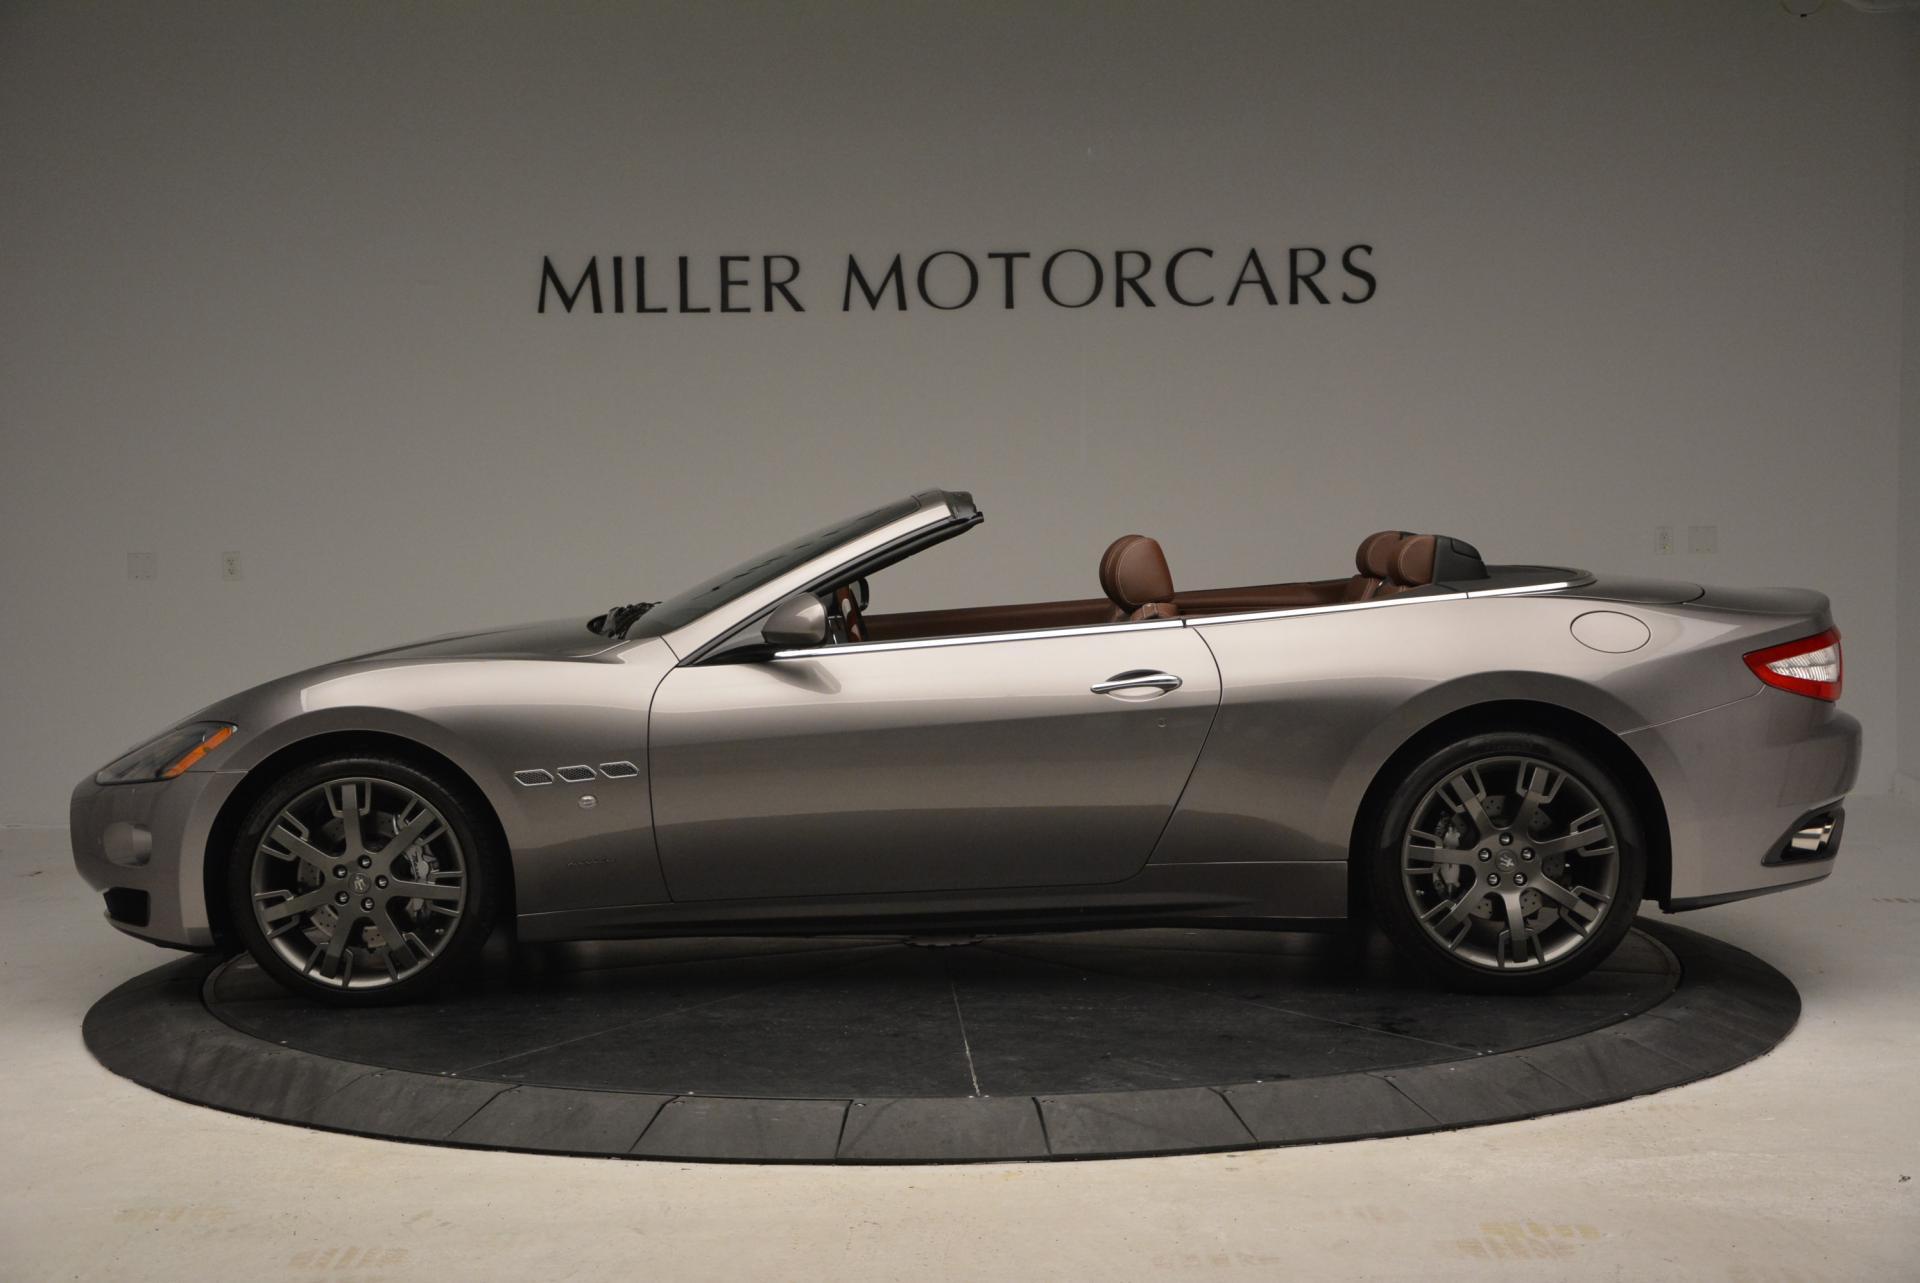 Used 2012 Maserati GranTurismo  For Sale In Greenwich, CT 157_p3